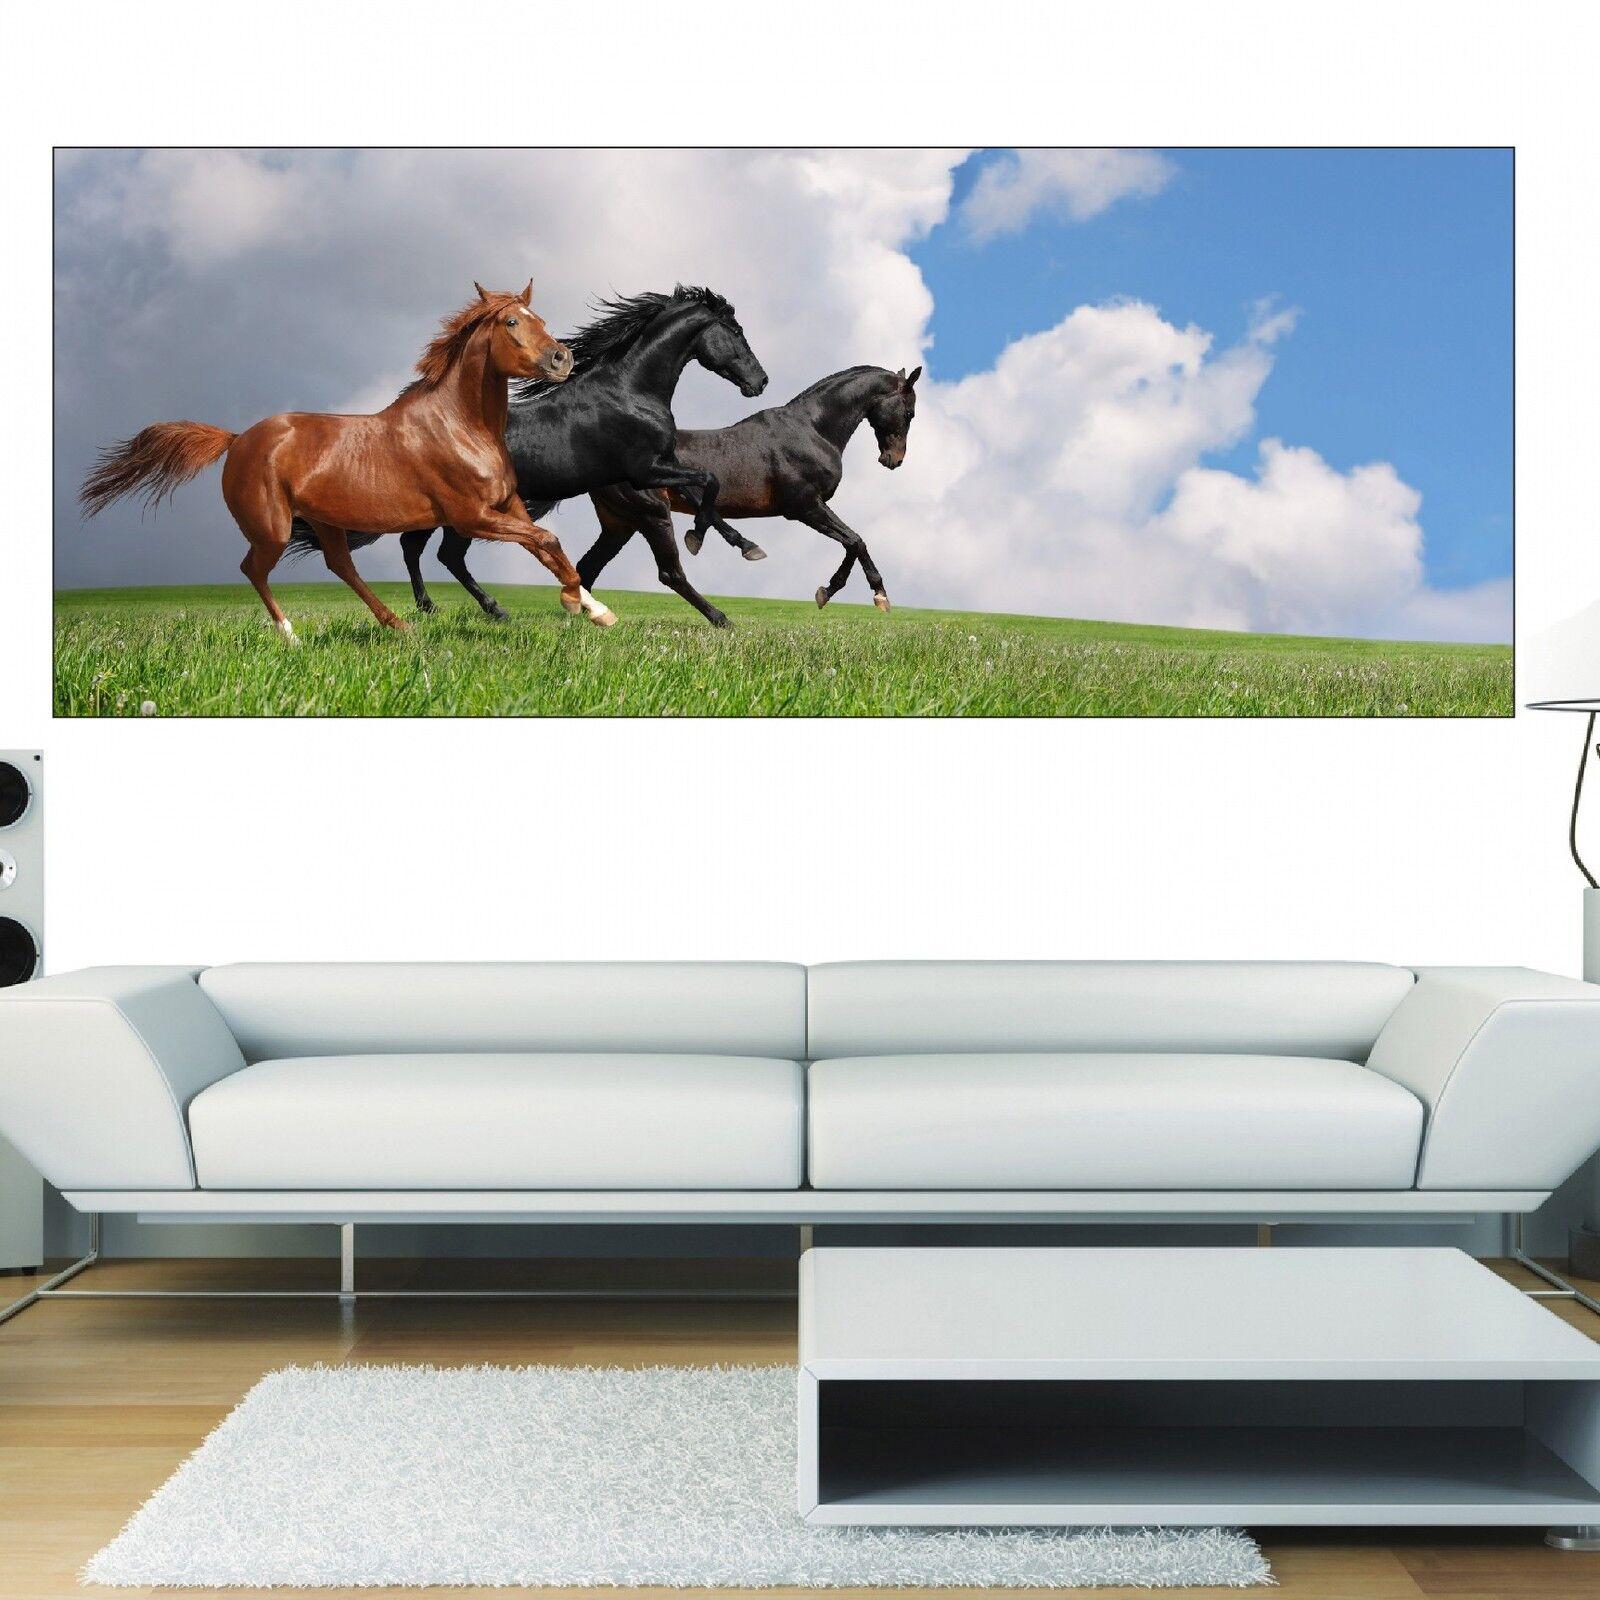 Papel pintado panorámica caballos 3635 Arte decoración Pegatinas